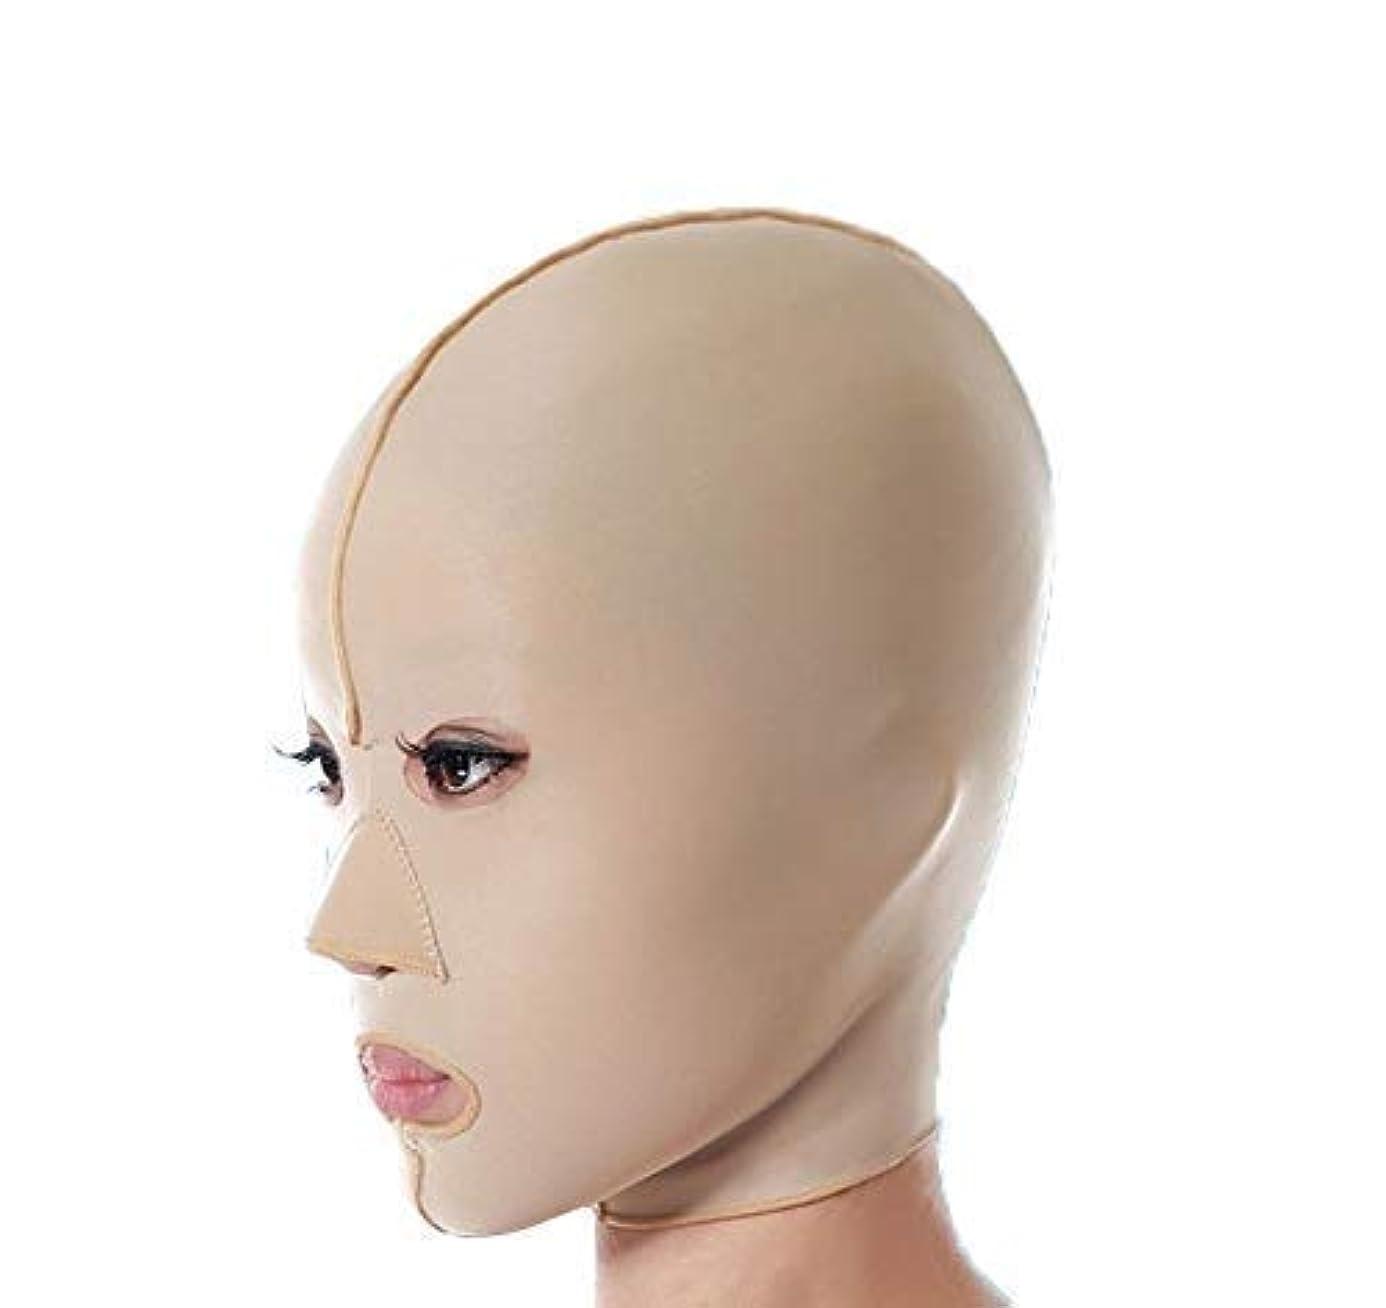 無臭木製に賛成ファーミングフェイスマスク、フェイシャルマスクメディシン強力なフェイスマスクアーティファクト美容たるみ防止ロウパターンフェイシャルリフティングファーミングフルフェイスマスク(サイズ:L)